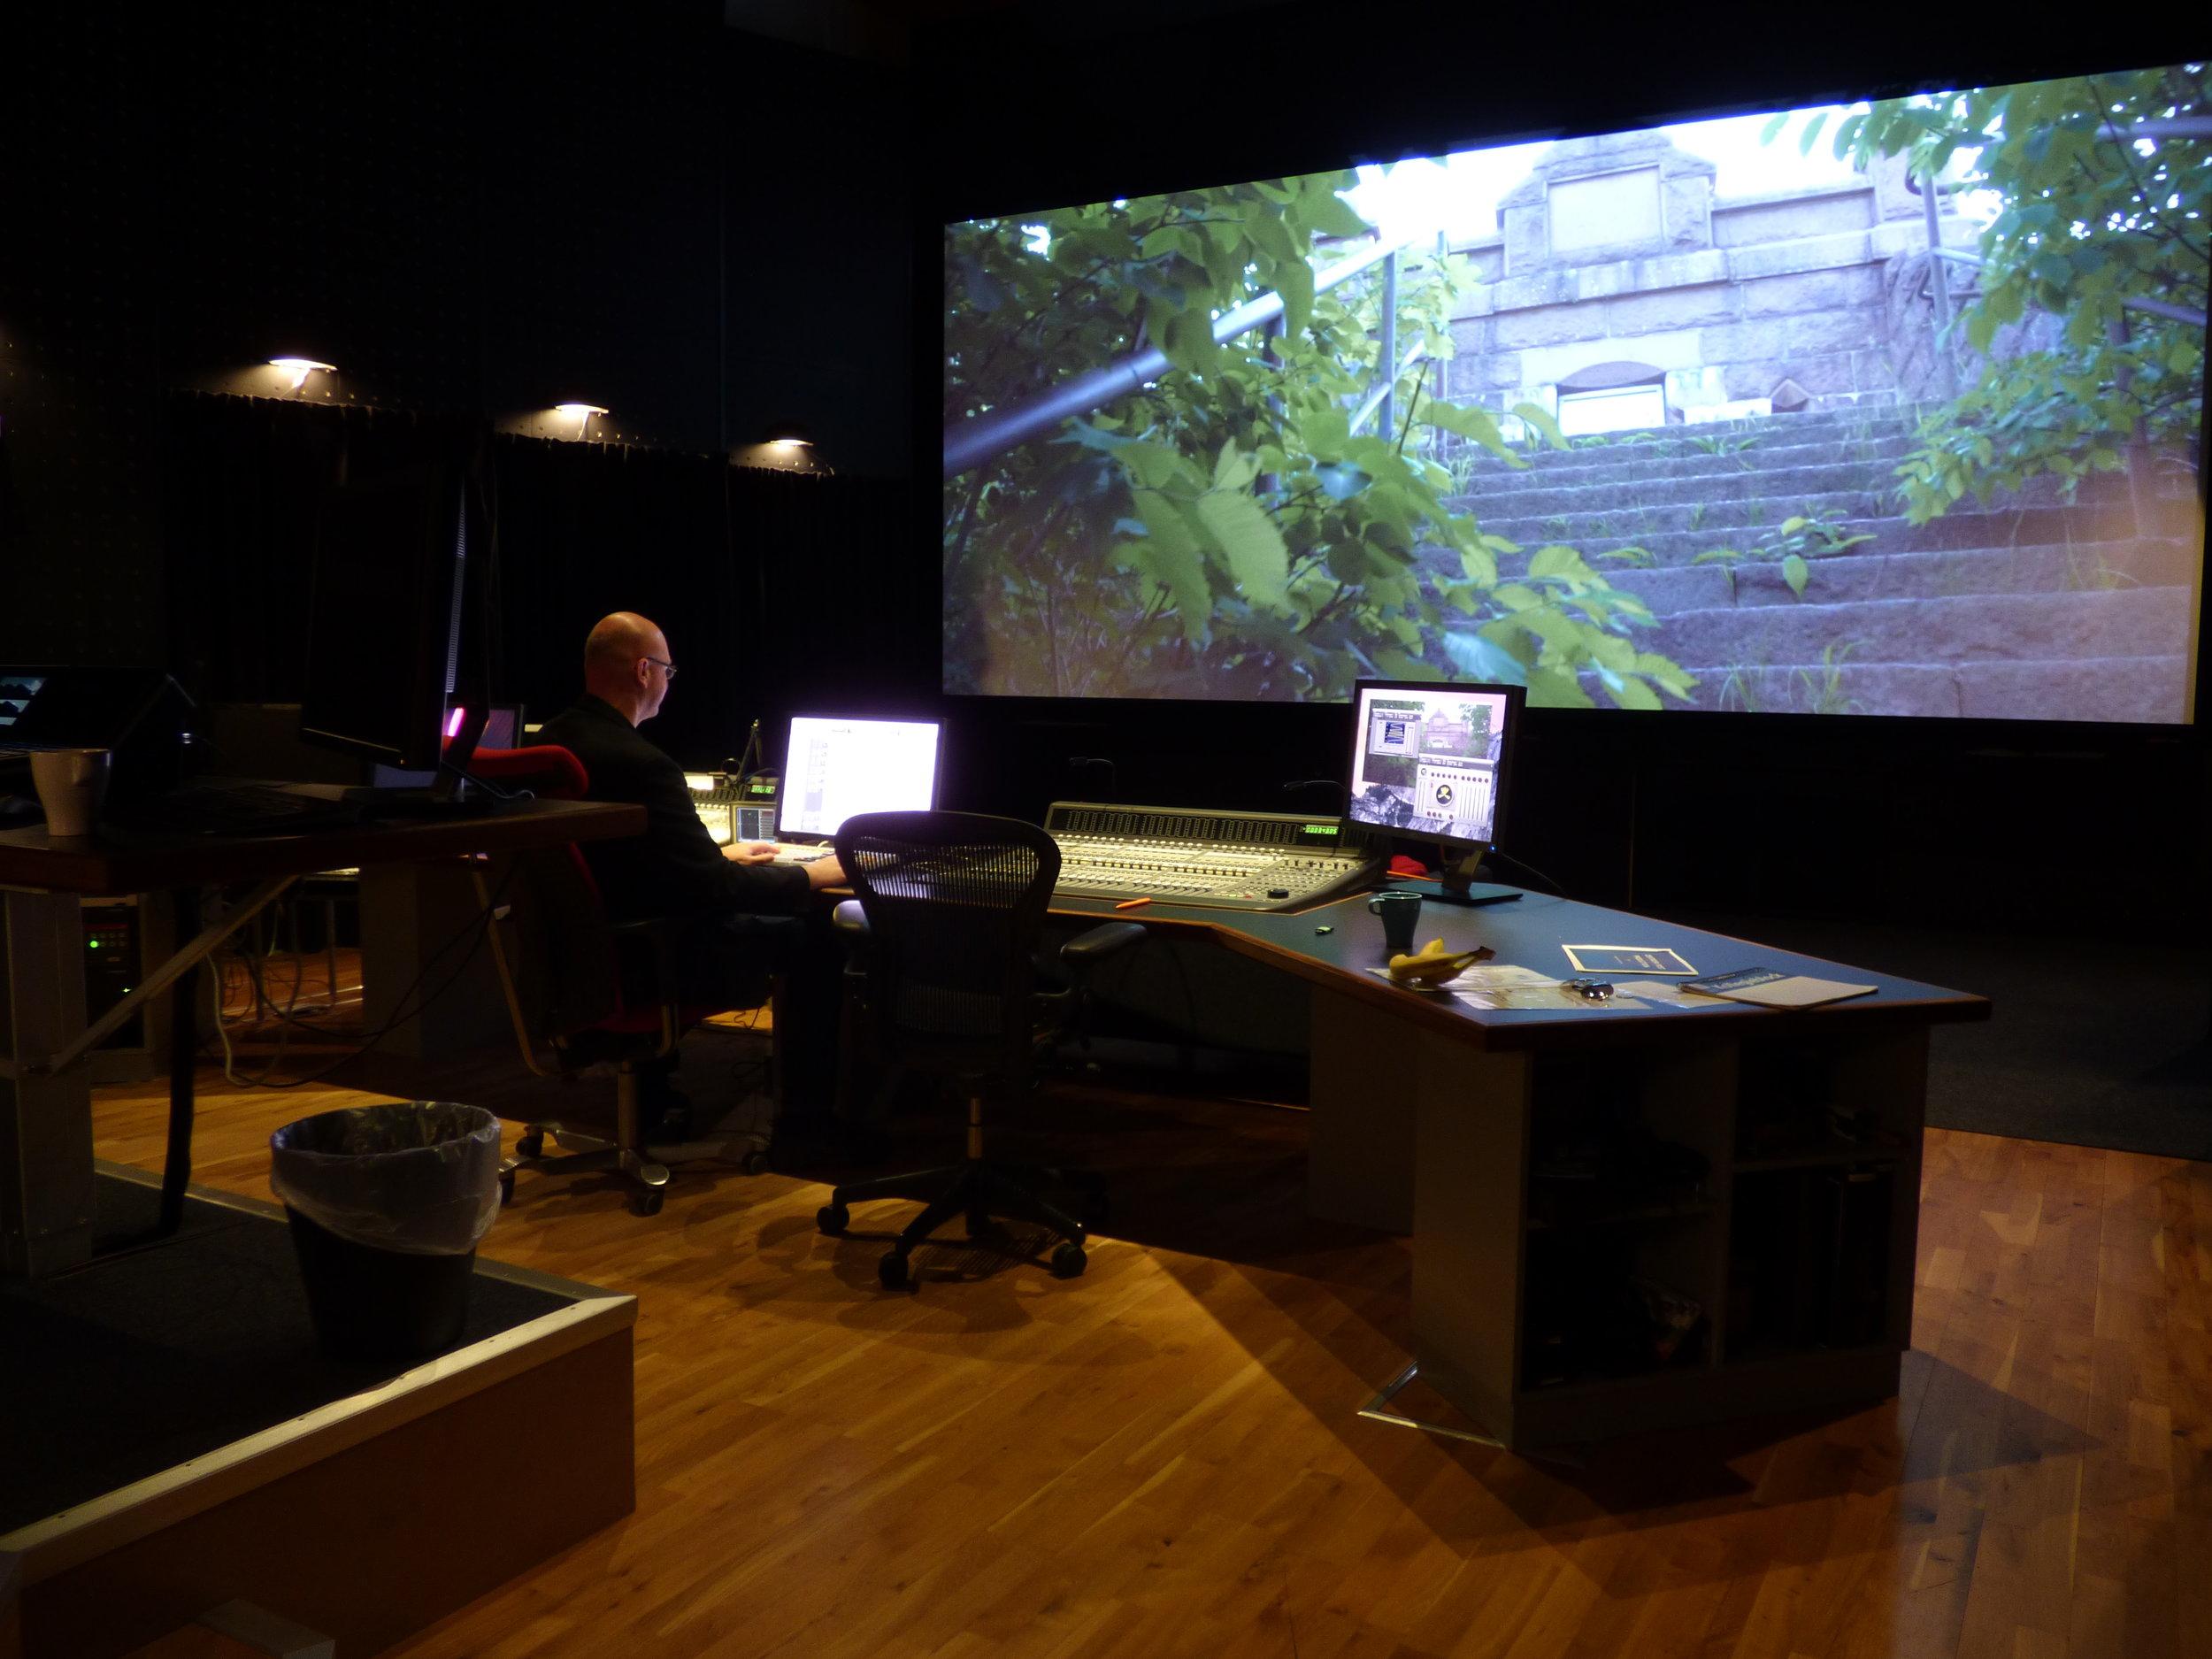 En fördel är att Henric har tillgång till en biomixer och kan se sitt arbete i stort format, vilket kan vara ovärderligt i vissa produktioner. Man kan höra ljud som man inte hört tidigare i ett mindre mixrum.